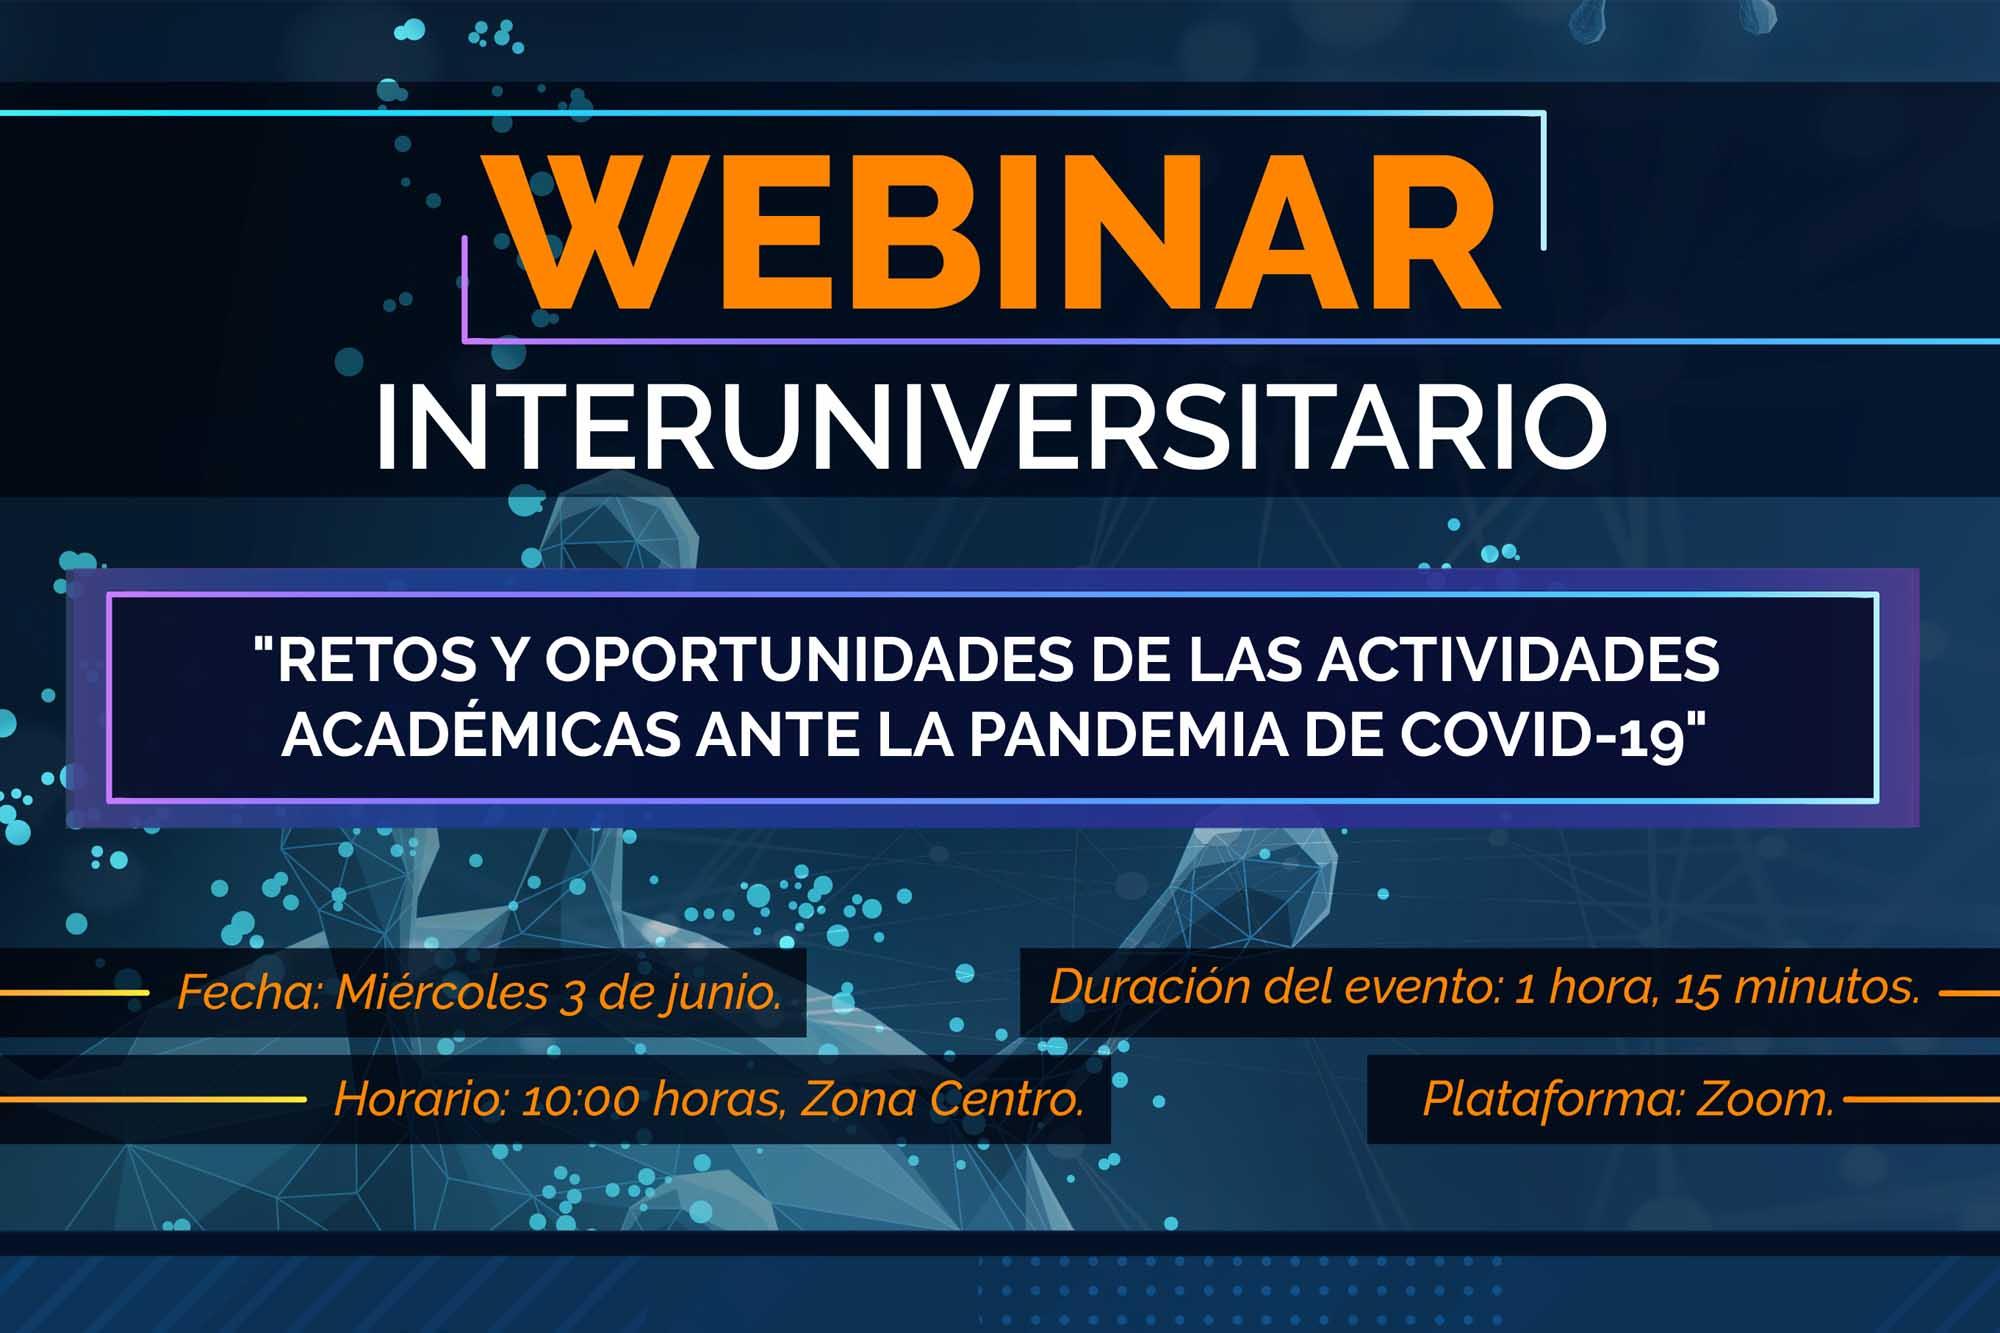 Webinar educacion 020620